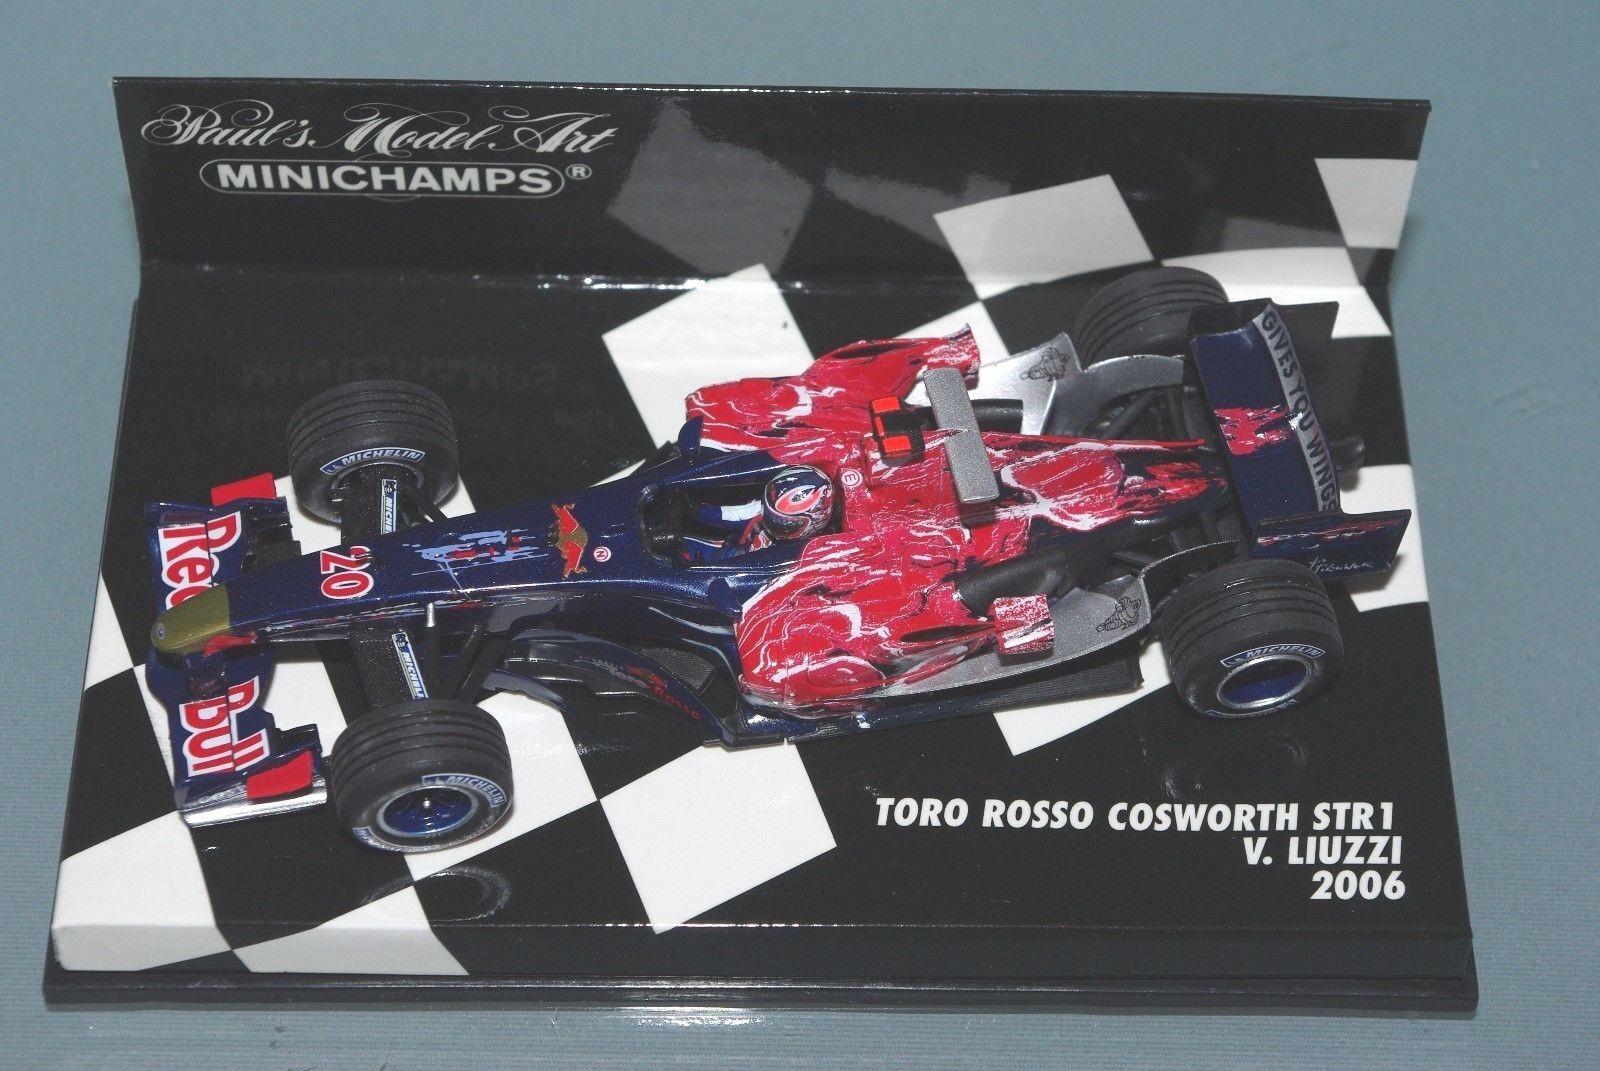 Minichamps F1 1 43 Toro Rosso Cosworth STR1 Vitantonio Liuzzi 2006